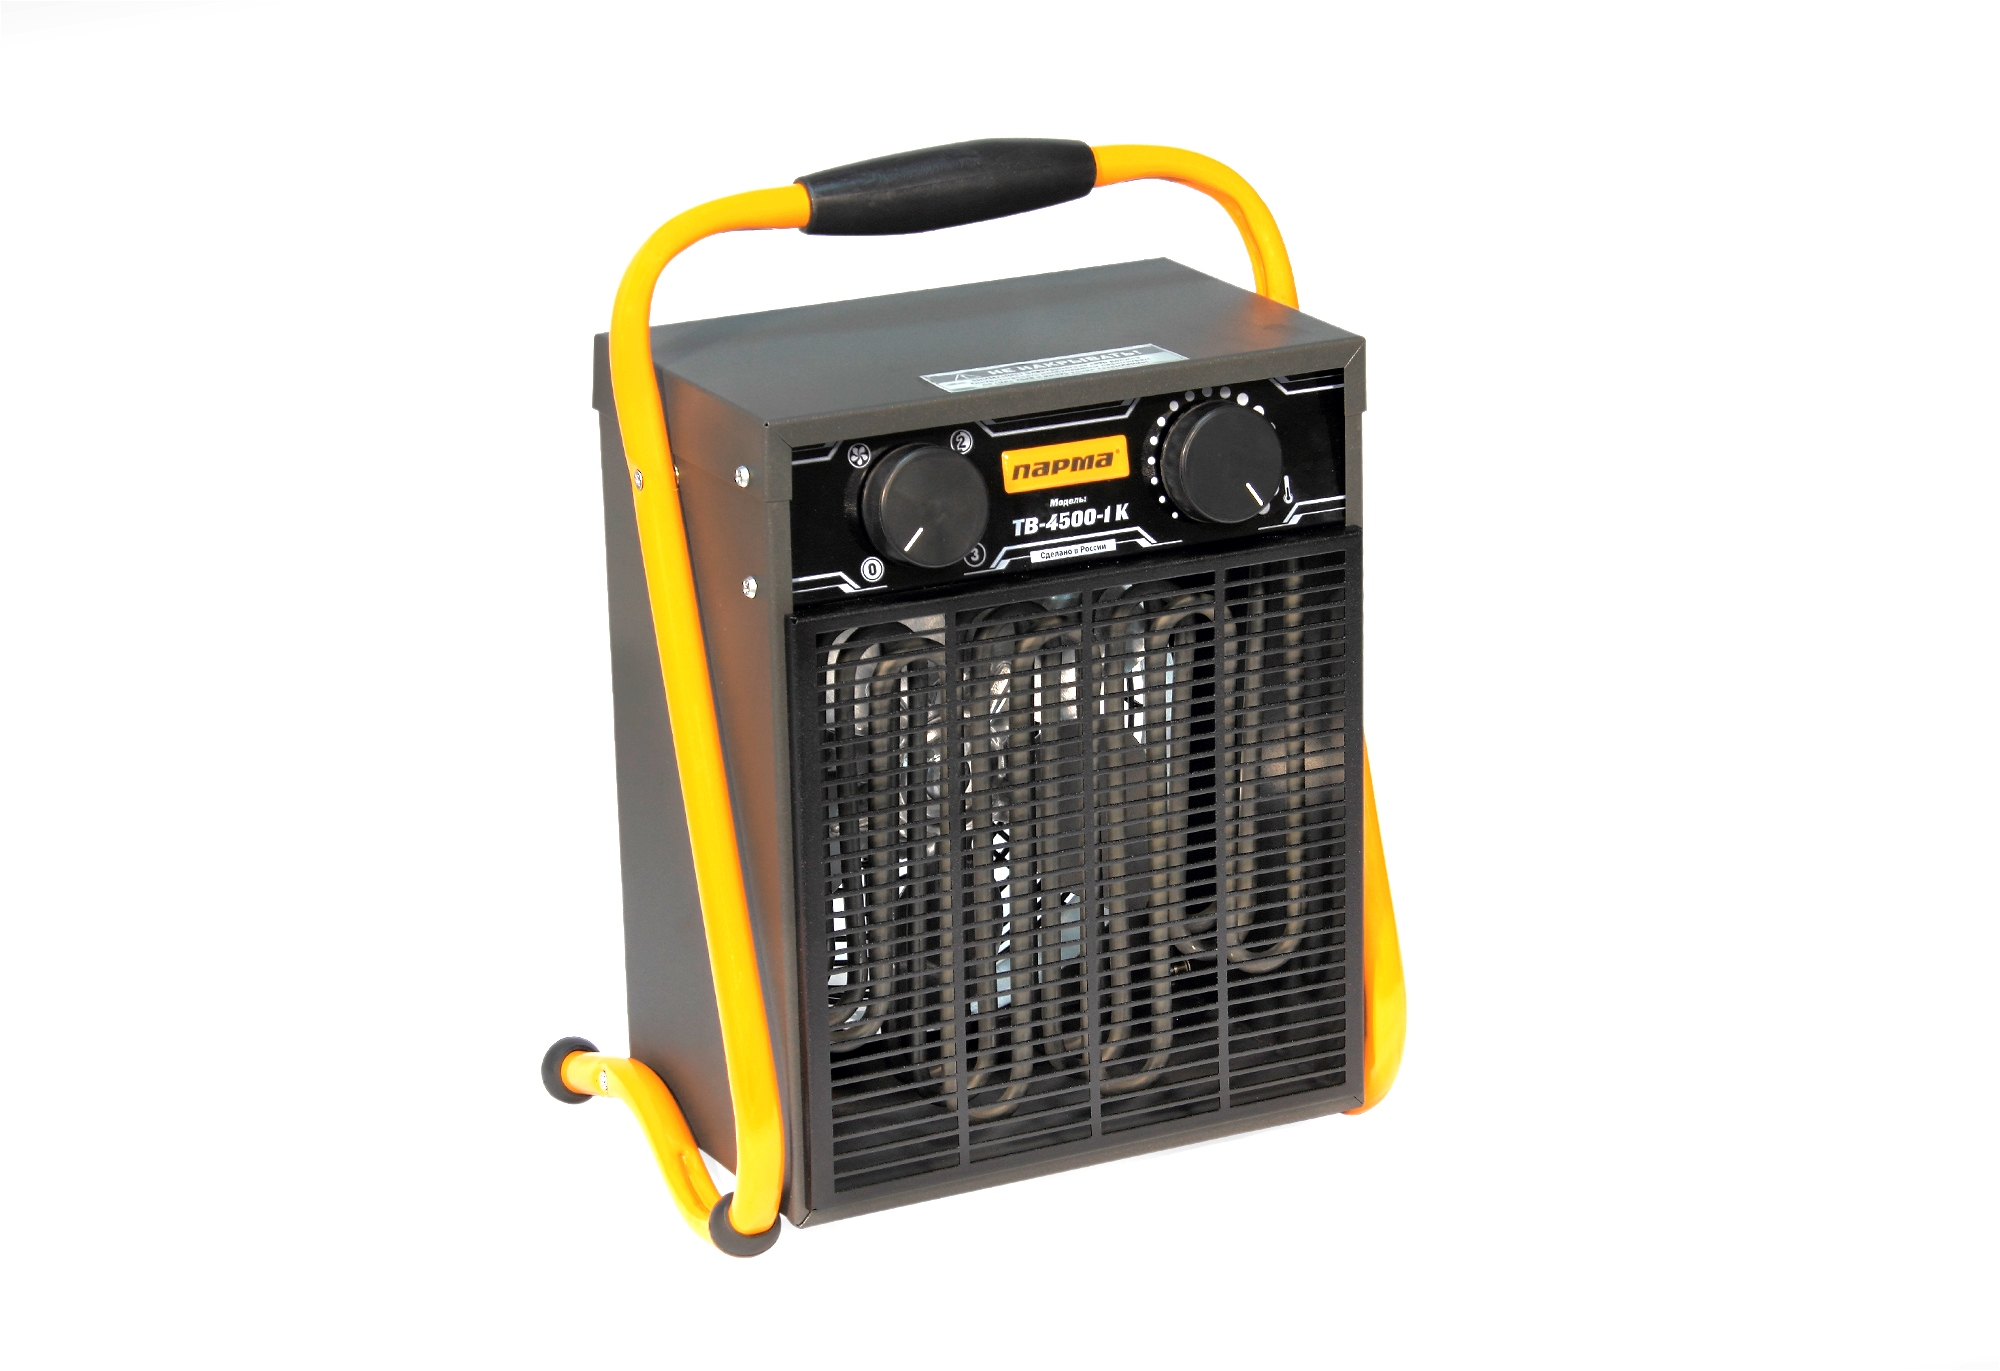 Тепловентилятор ПАРМАТепловентиляторы электрические (бытовые)<br>Мощность: 4500,<br>Нагревательный элемент: спиральный,<br>Напряжение: 220,<br>Производительность (м3/ч): 400,<br>Тип управления: механическое,<br>Количество режимов: 3,<br>Защита от перегрева: есть<br>